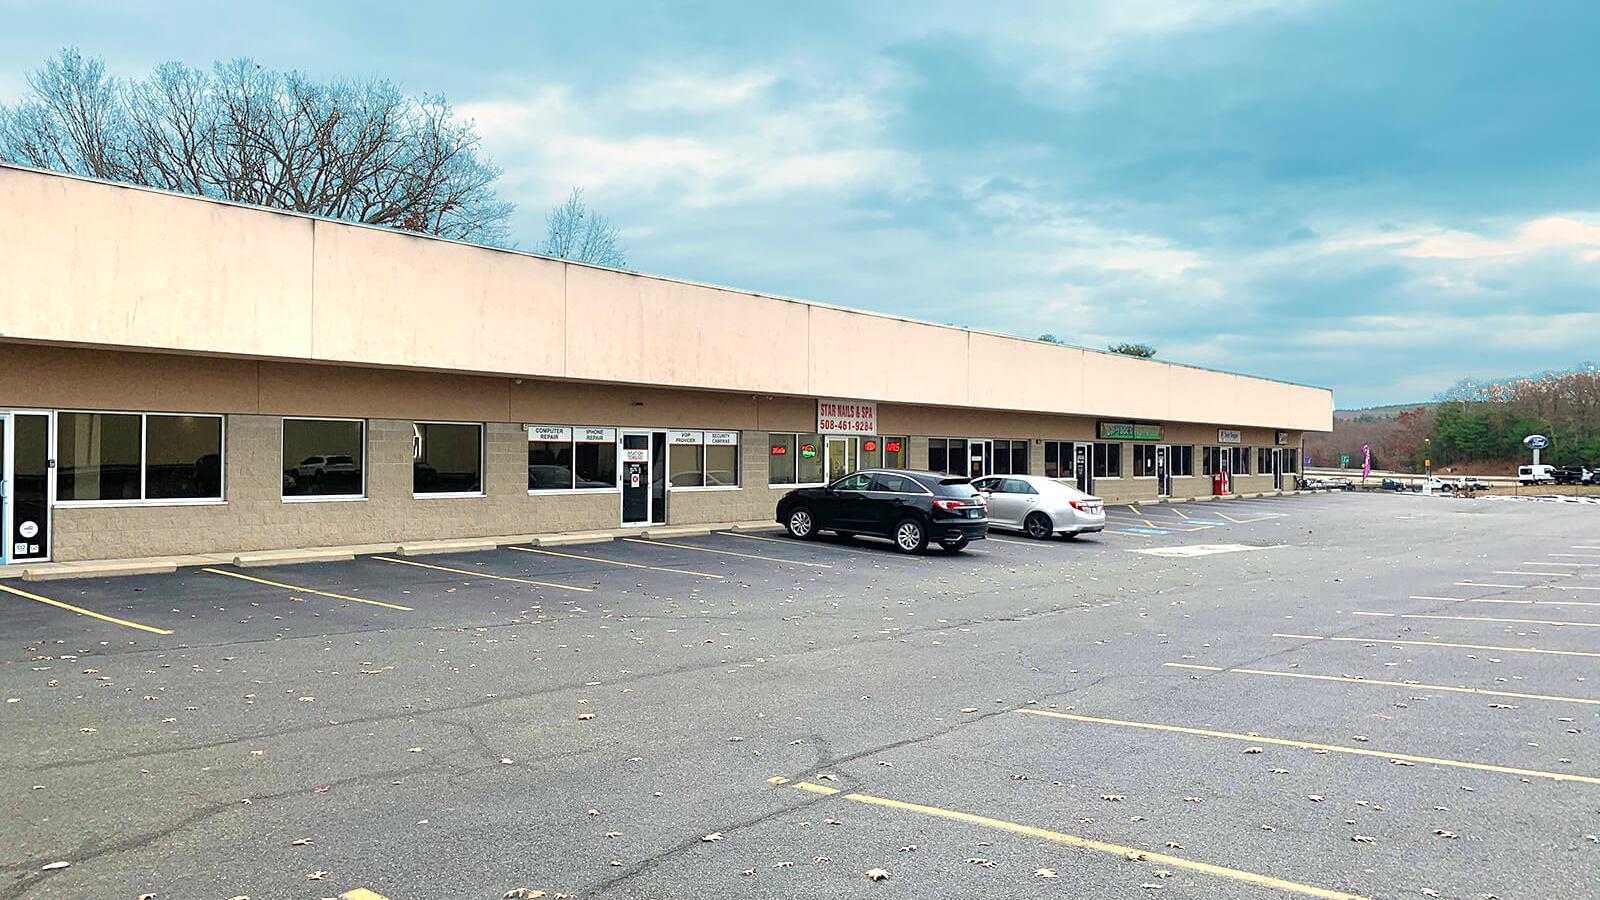 31 Thompson Road, Webster, Massachusetts 01570, Retail / Restaurant,For Lease,Thompson Road,1,1305